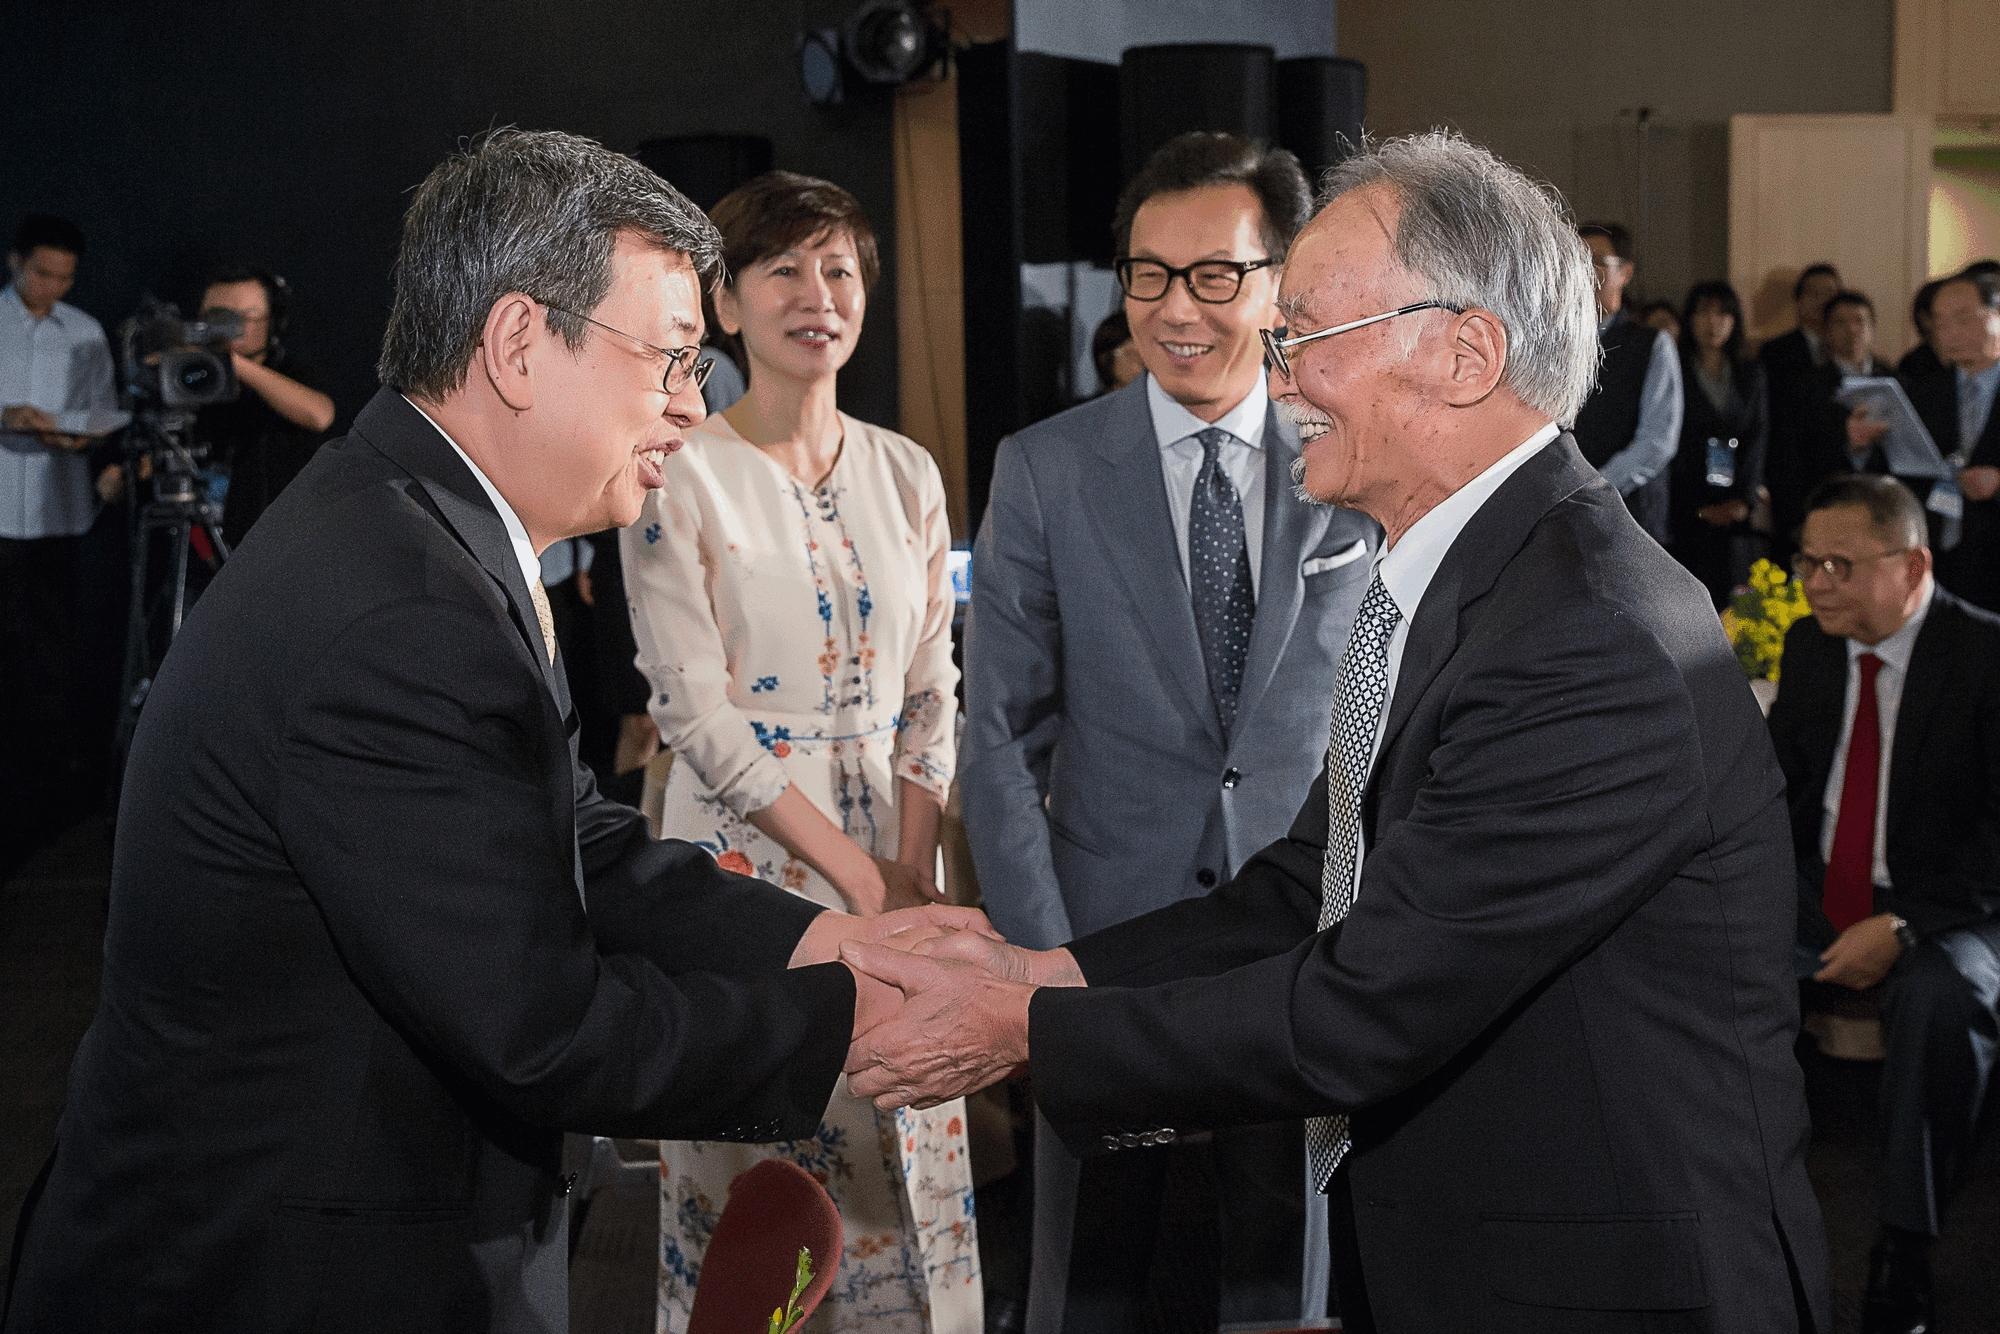 副總統 陳建仁先生 與 朱銘老師